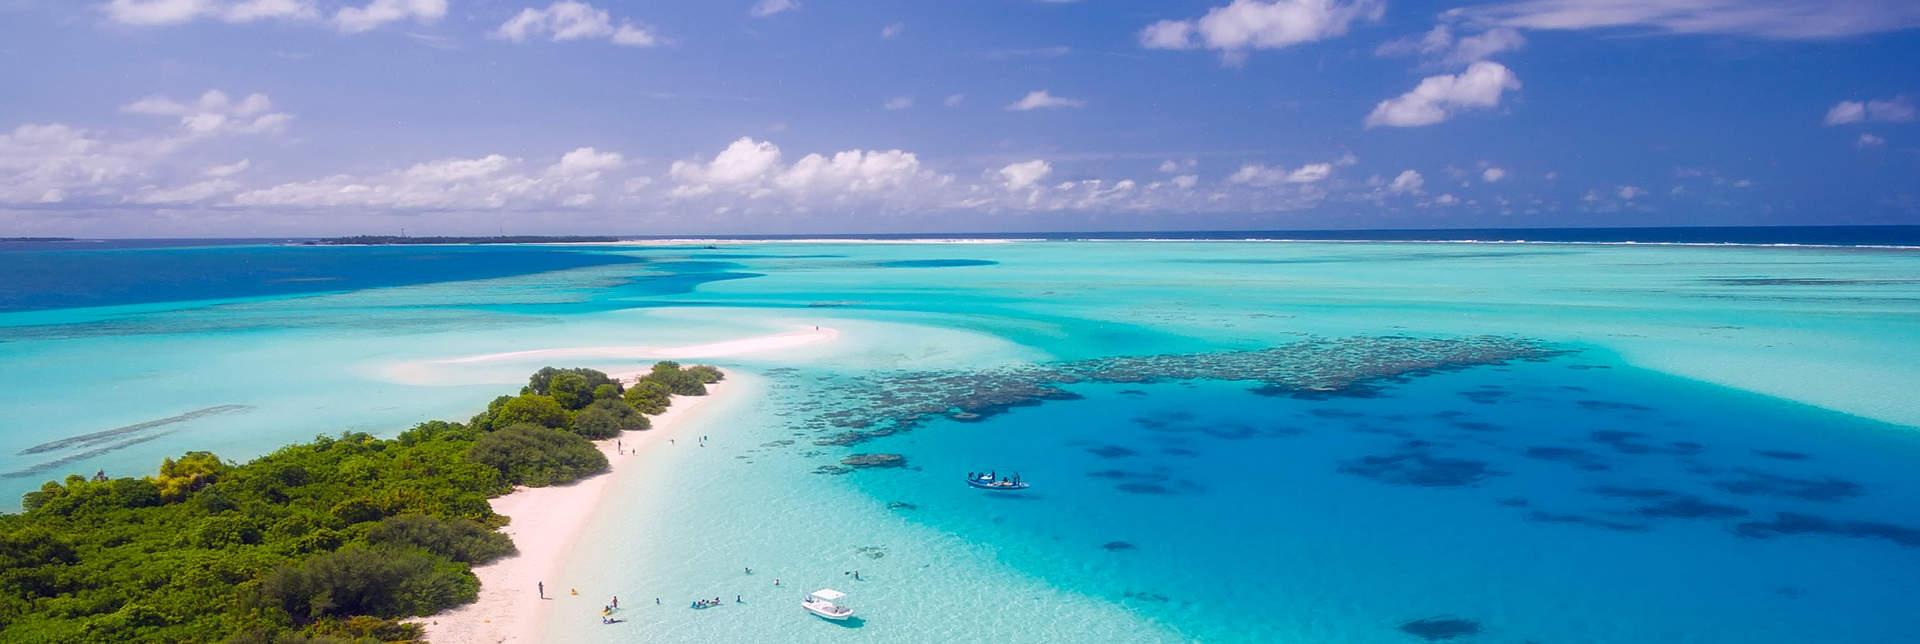 Malediven Glücklich Rauchfrei erleben! Raucherentwöhnung Hypnose Phaidros